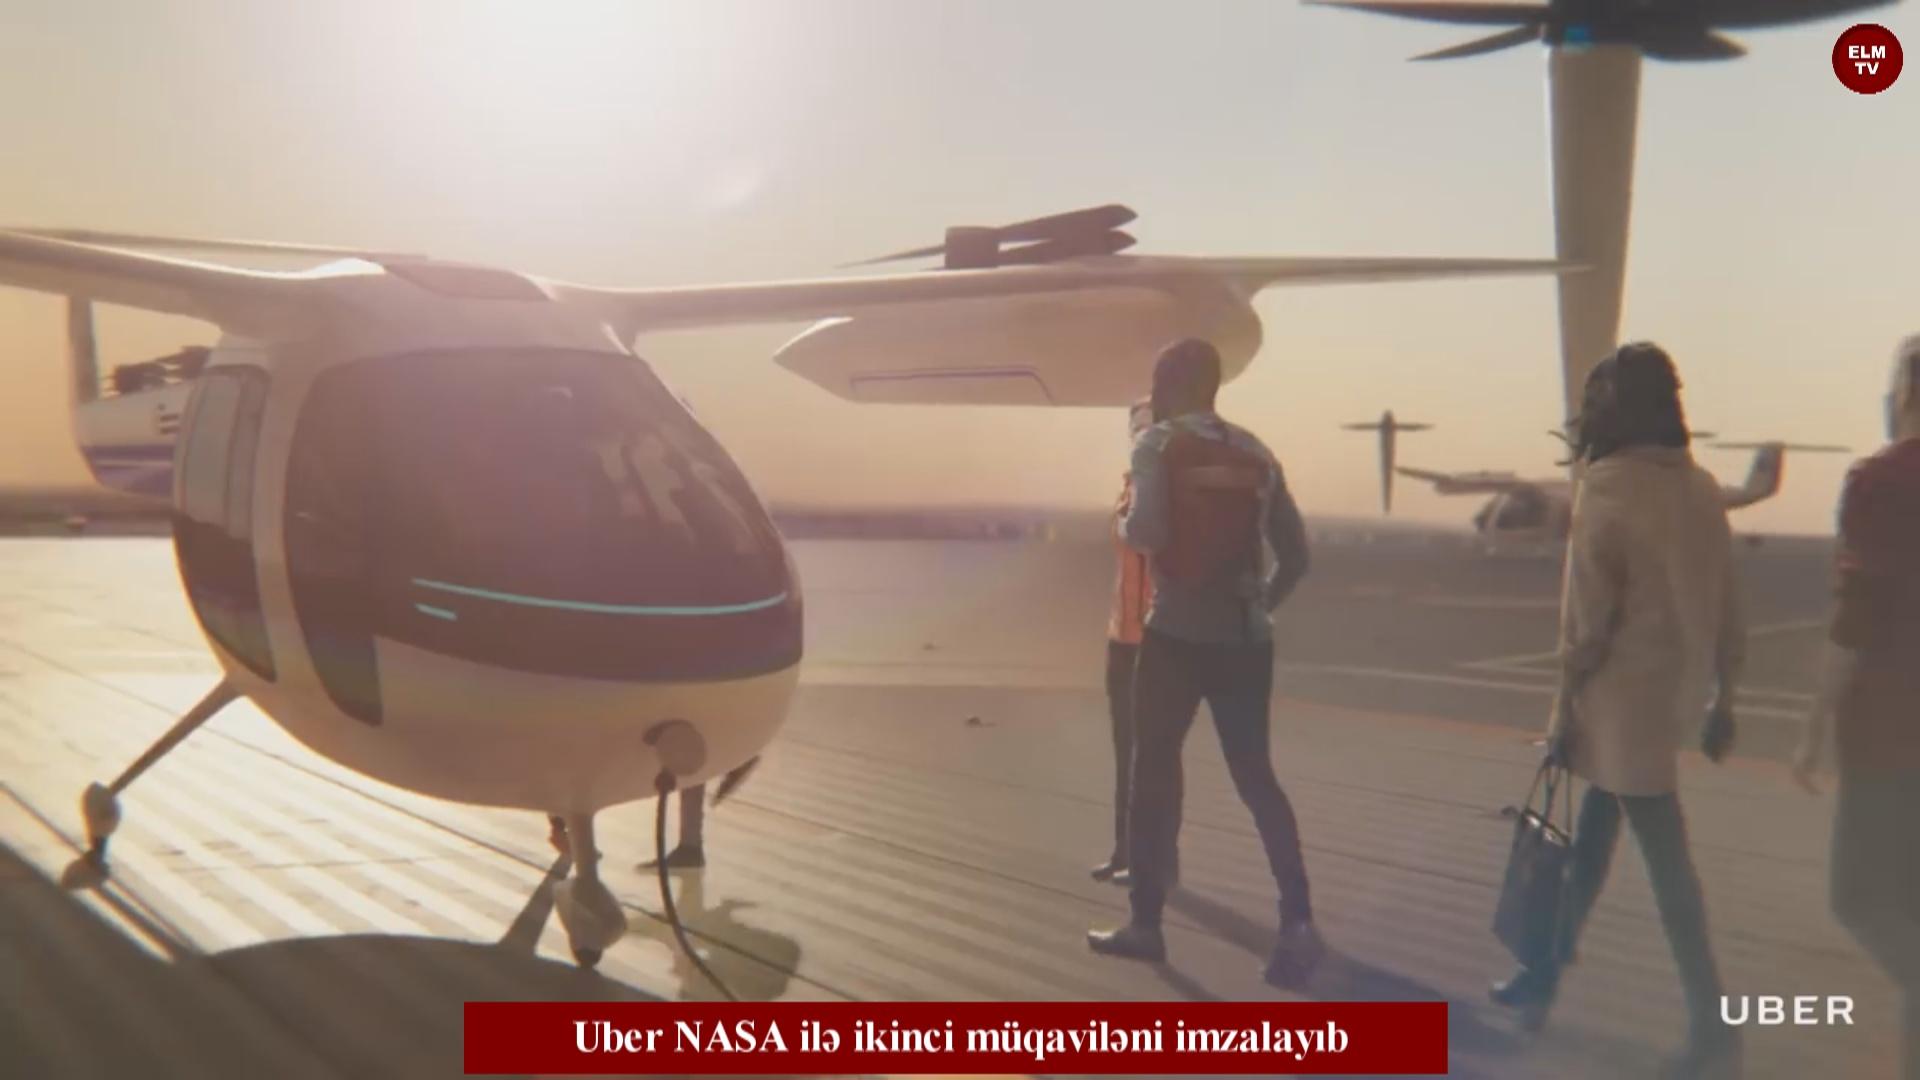 Uber NASA ilə ikinci müqaviləni imzalayıb